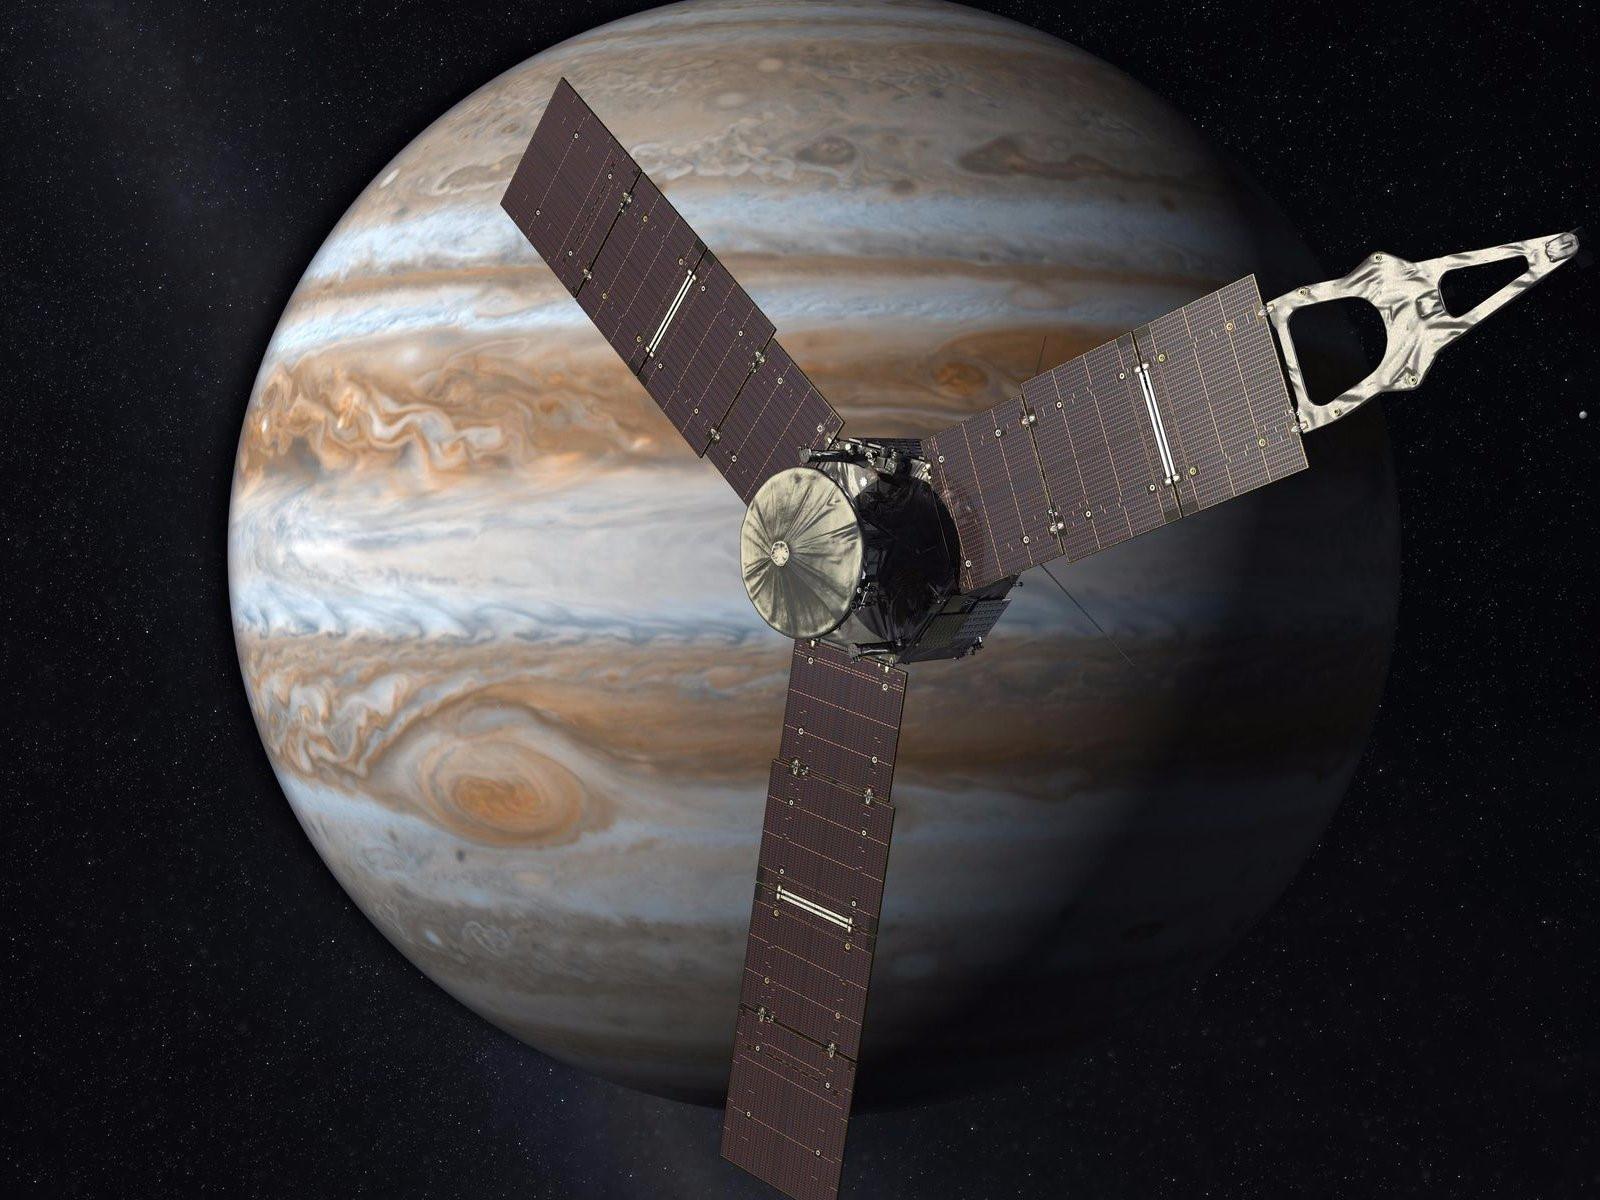 Tàu vũ trụ của NASA sắp bay qua Vết Đỏ Lớn trên Sao Mộc